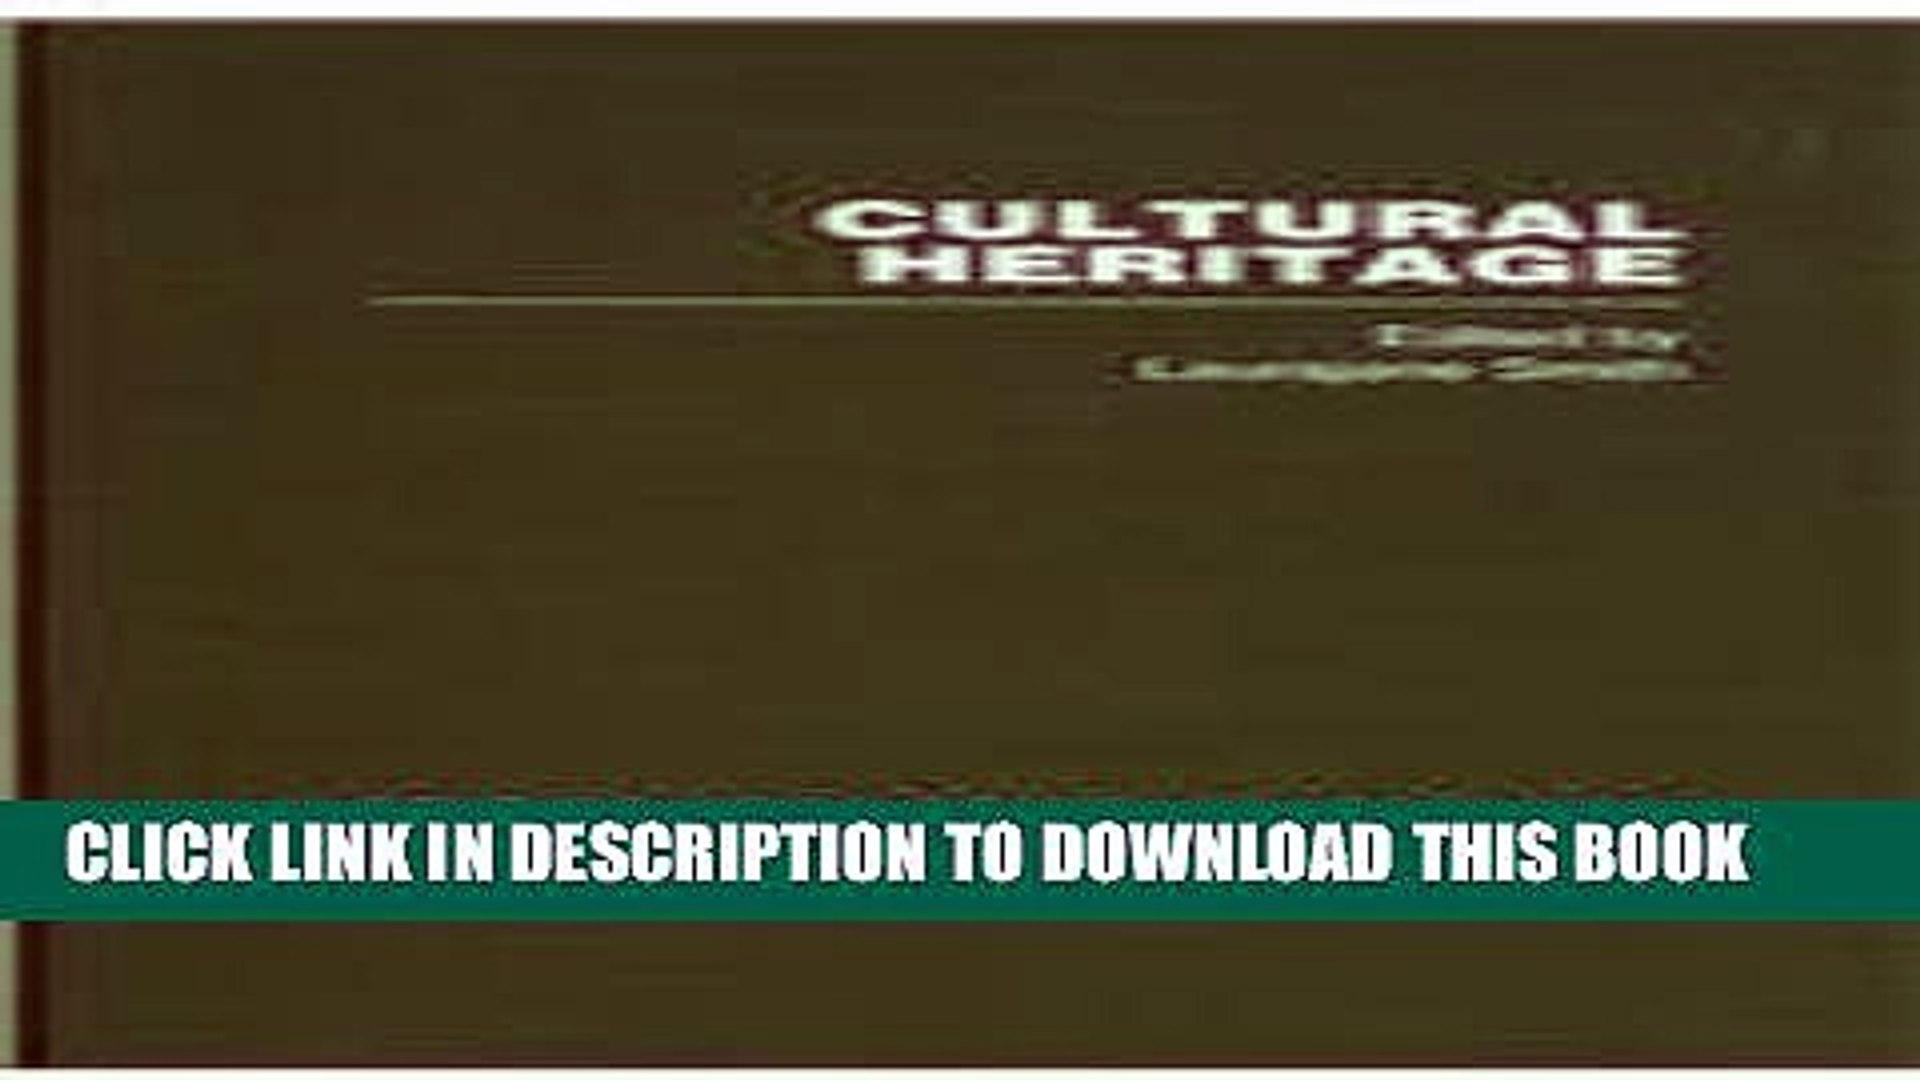 [PDF] Cultural Heritage: Critical Concepts in Media and Cultural Studies (v. 1, v. 2, v. 3   v)